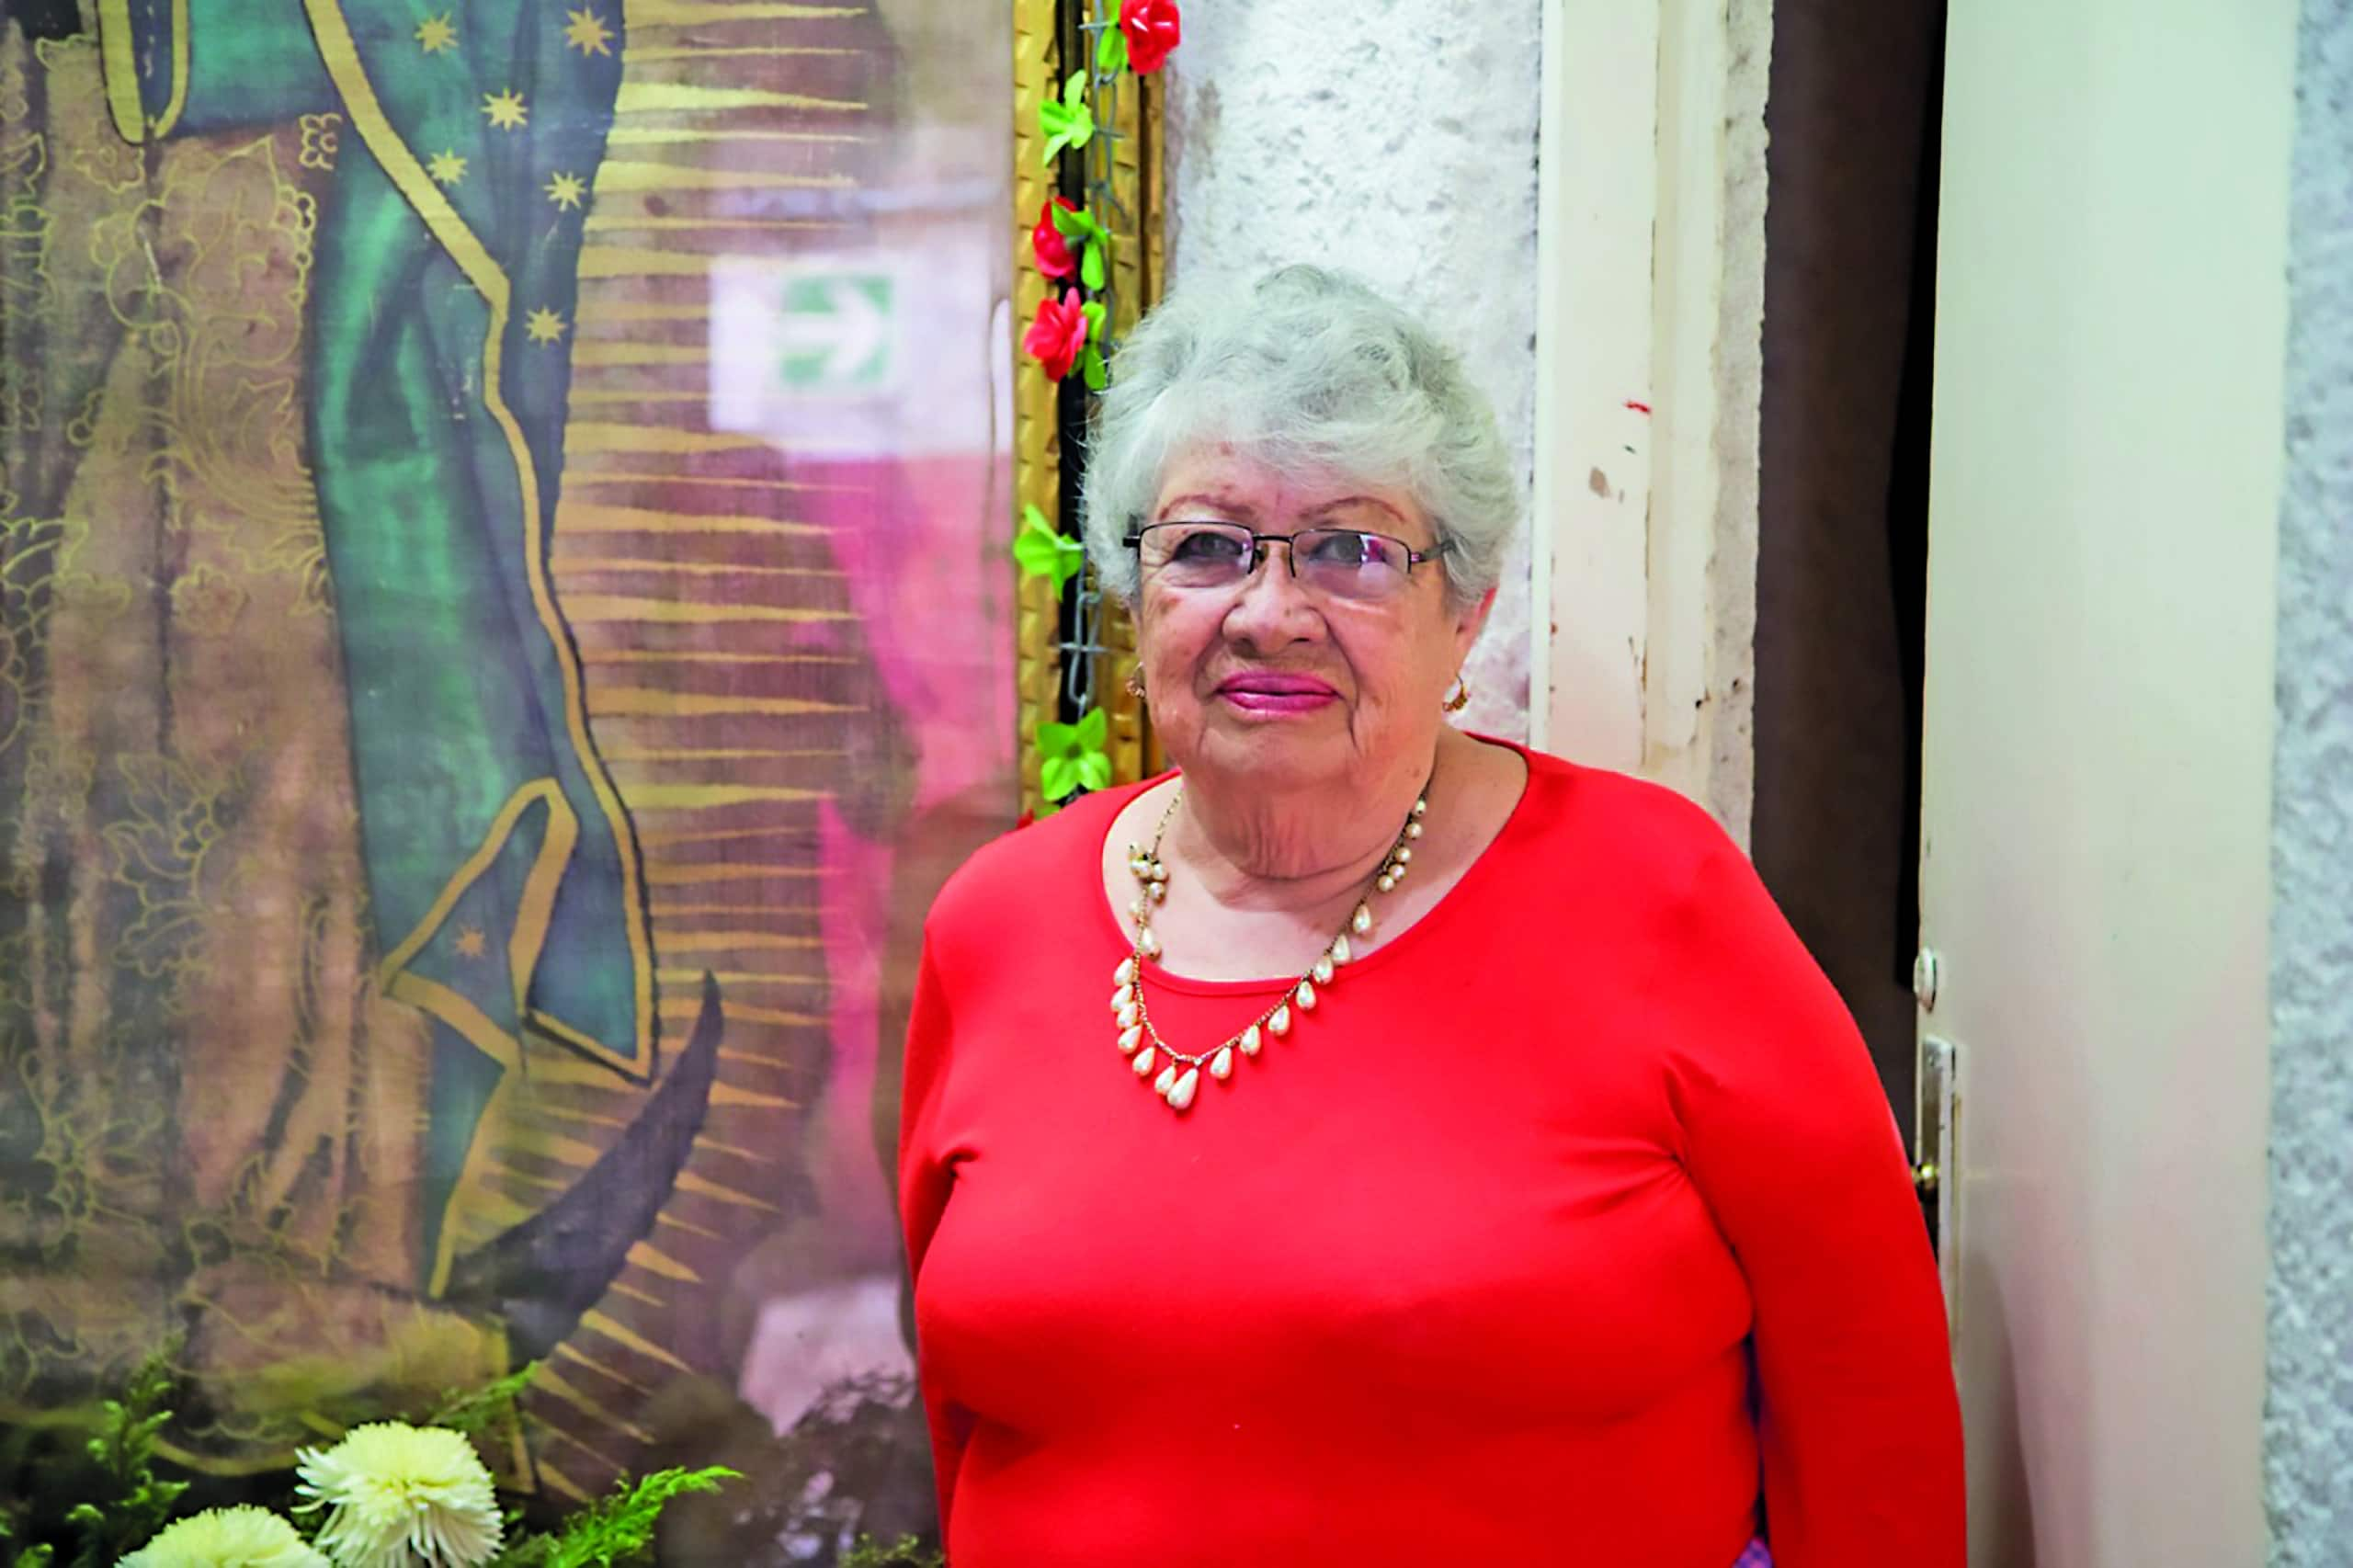 Irma Morales, Encargada de la capilla de la Plaza de Toros México. Foto: María Langarica